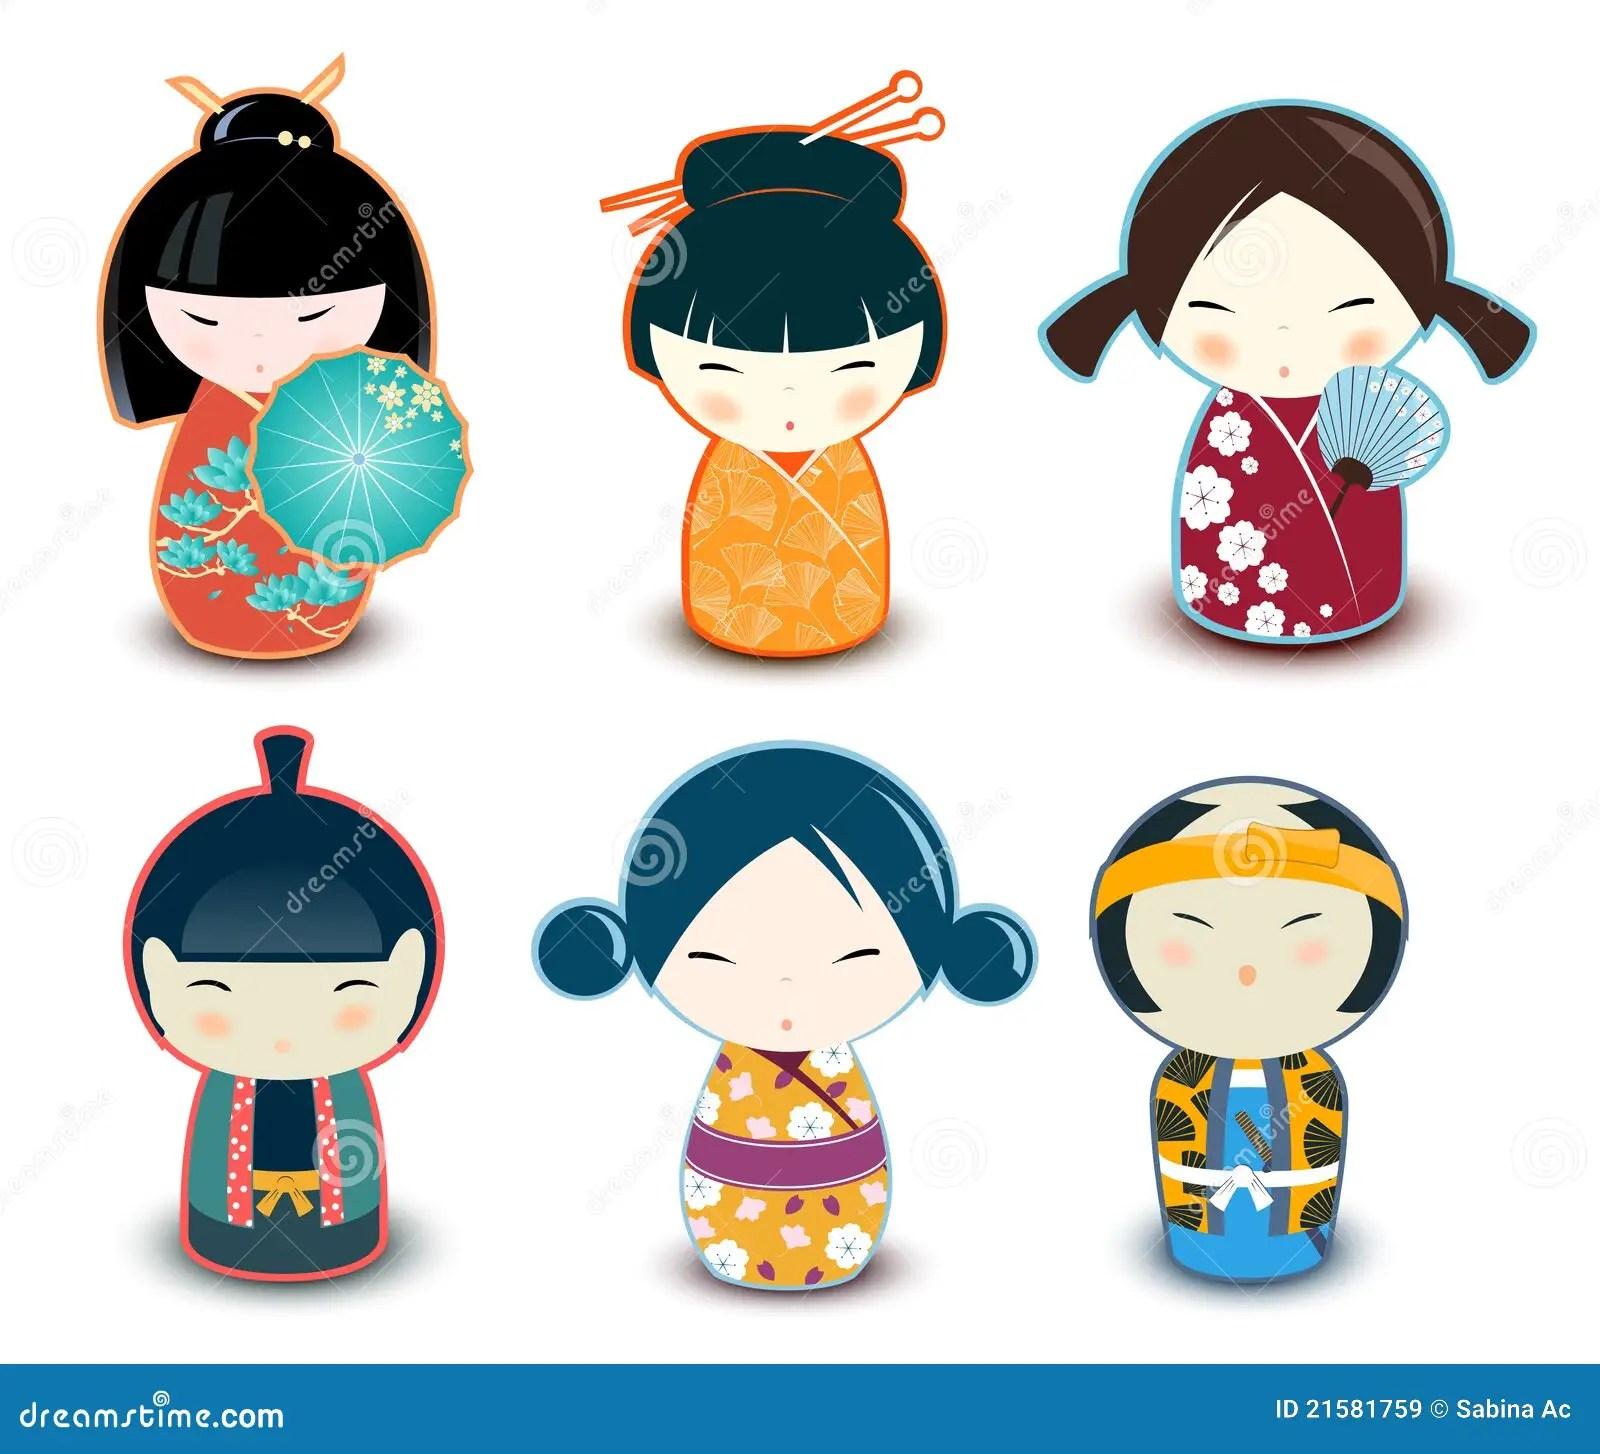 Kokeshi Dolls Stock Vector Illustration Of White